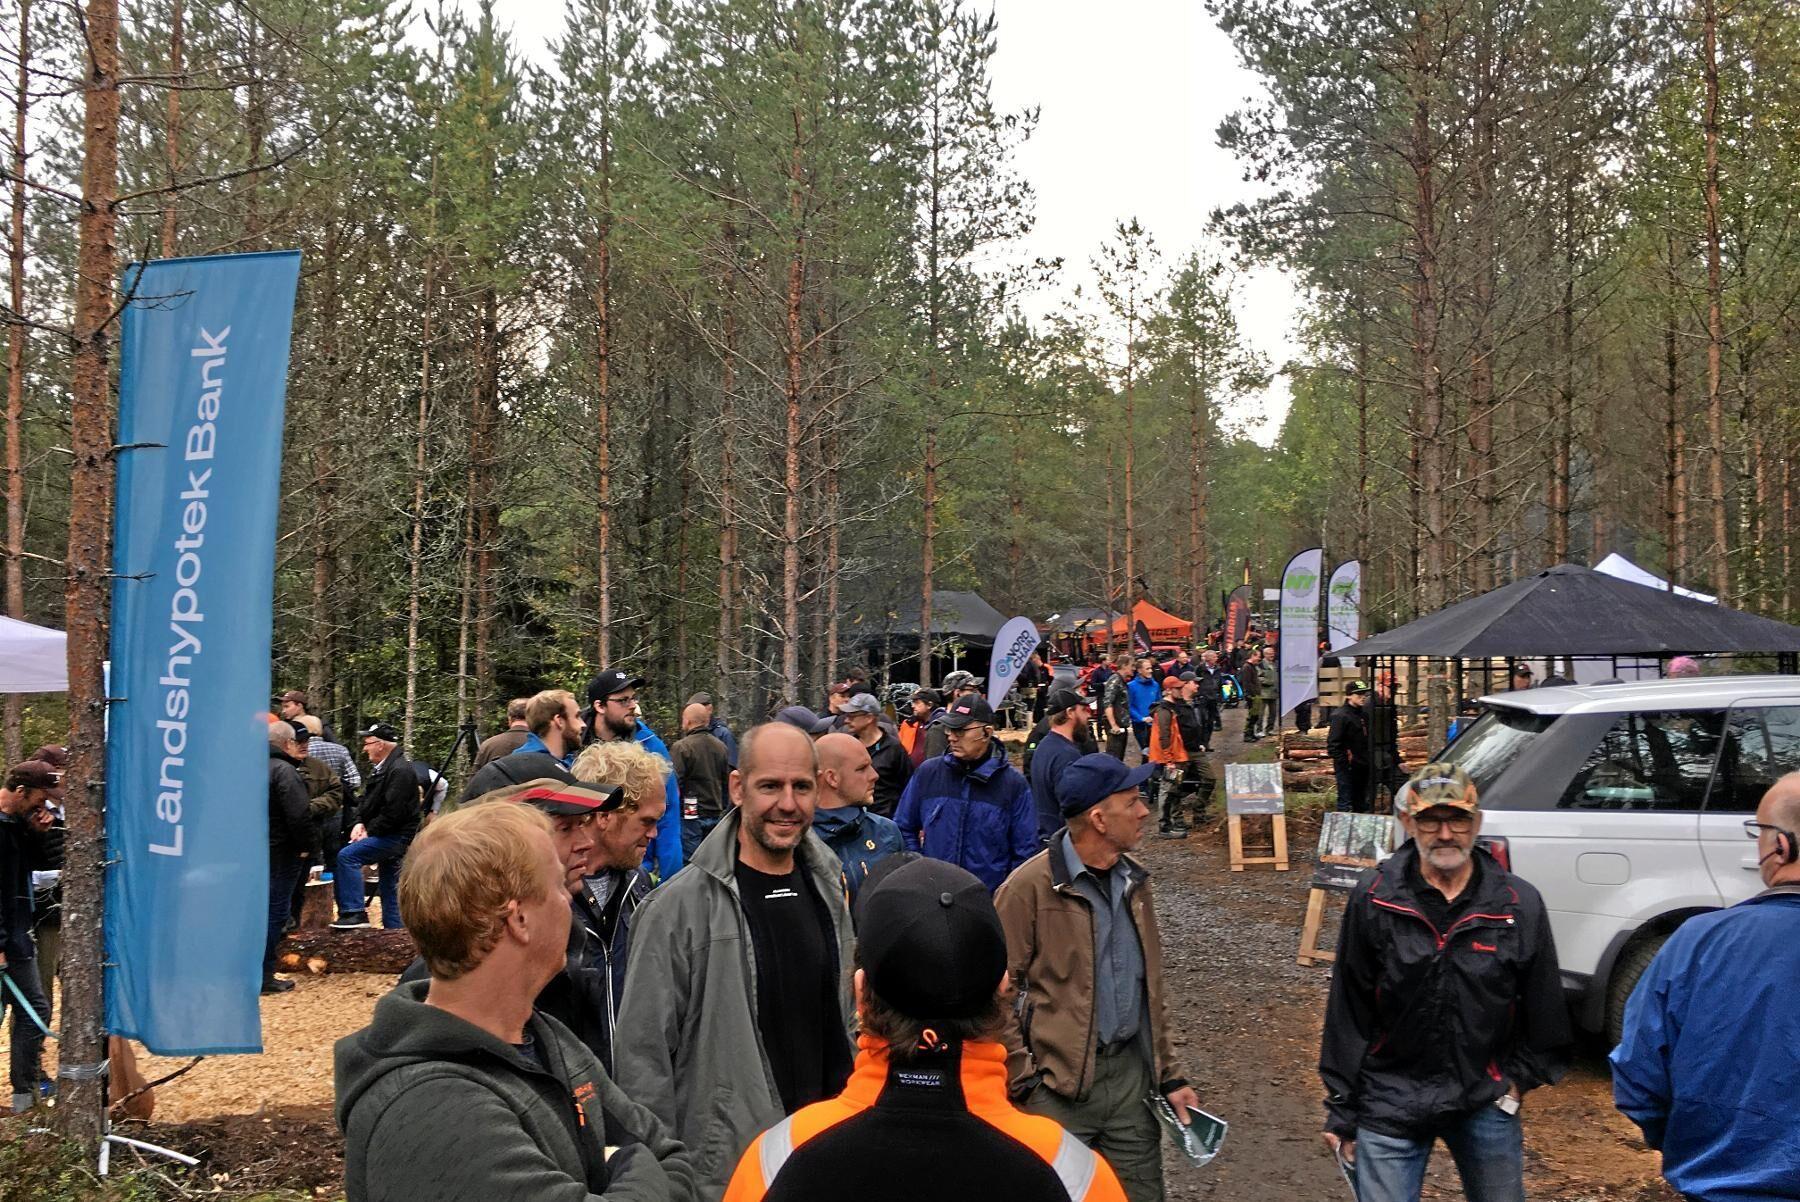 Årets Gallringsdagar hölls i Fägrida, Vaggeryd, och lockade 3 500 besökare, vilket var nytt rekord.